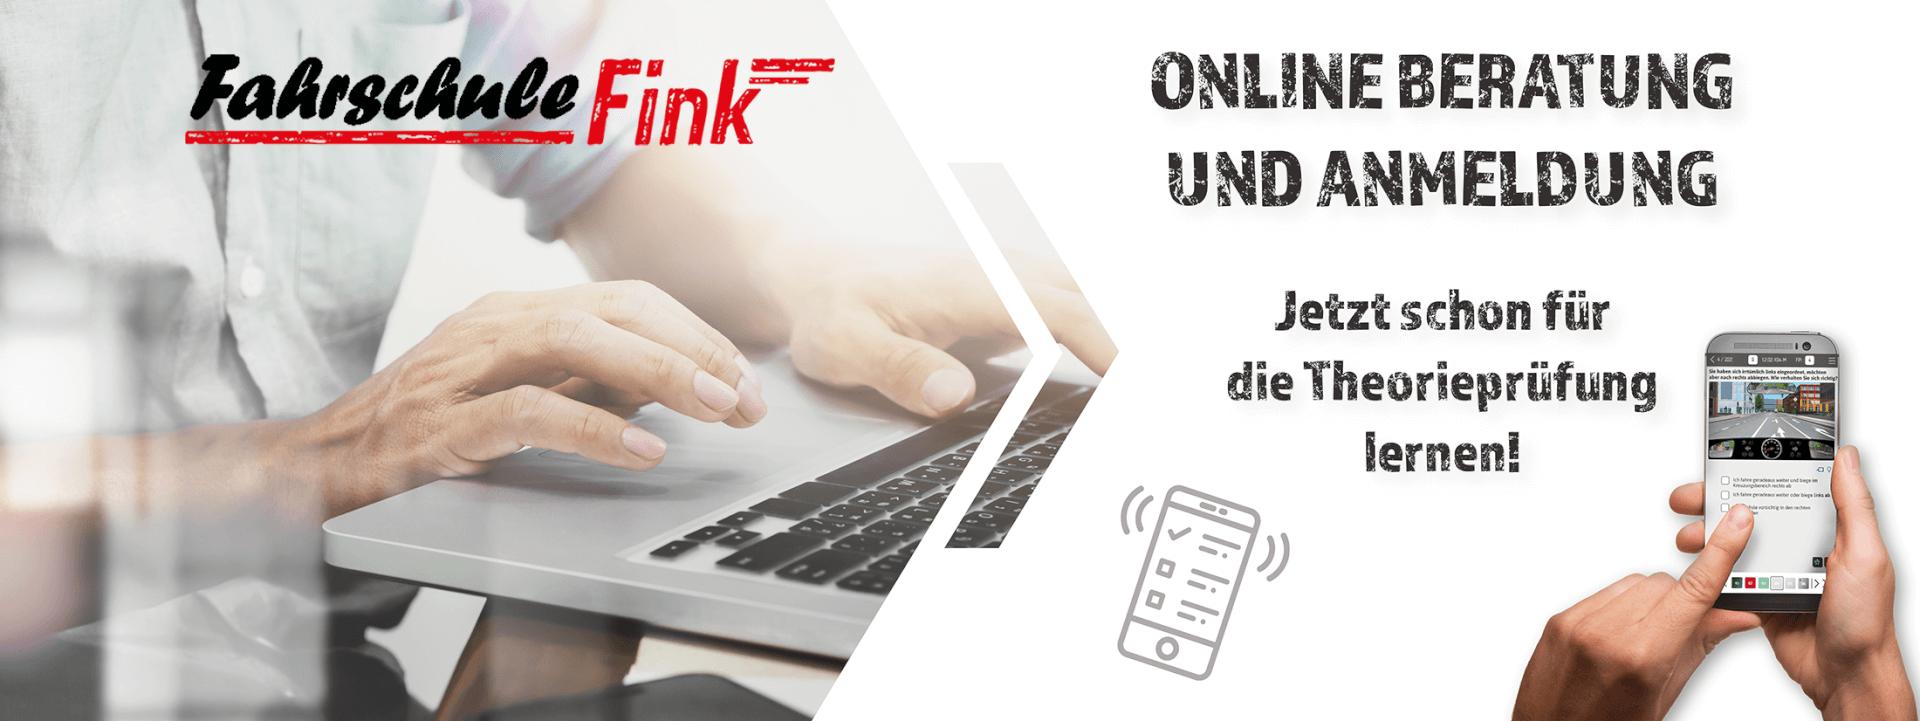 fahrschule online lernen kostenlos ohne anmeldung